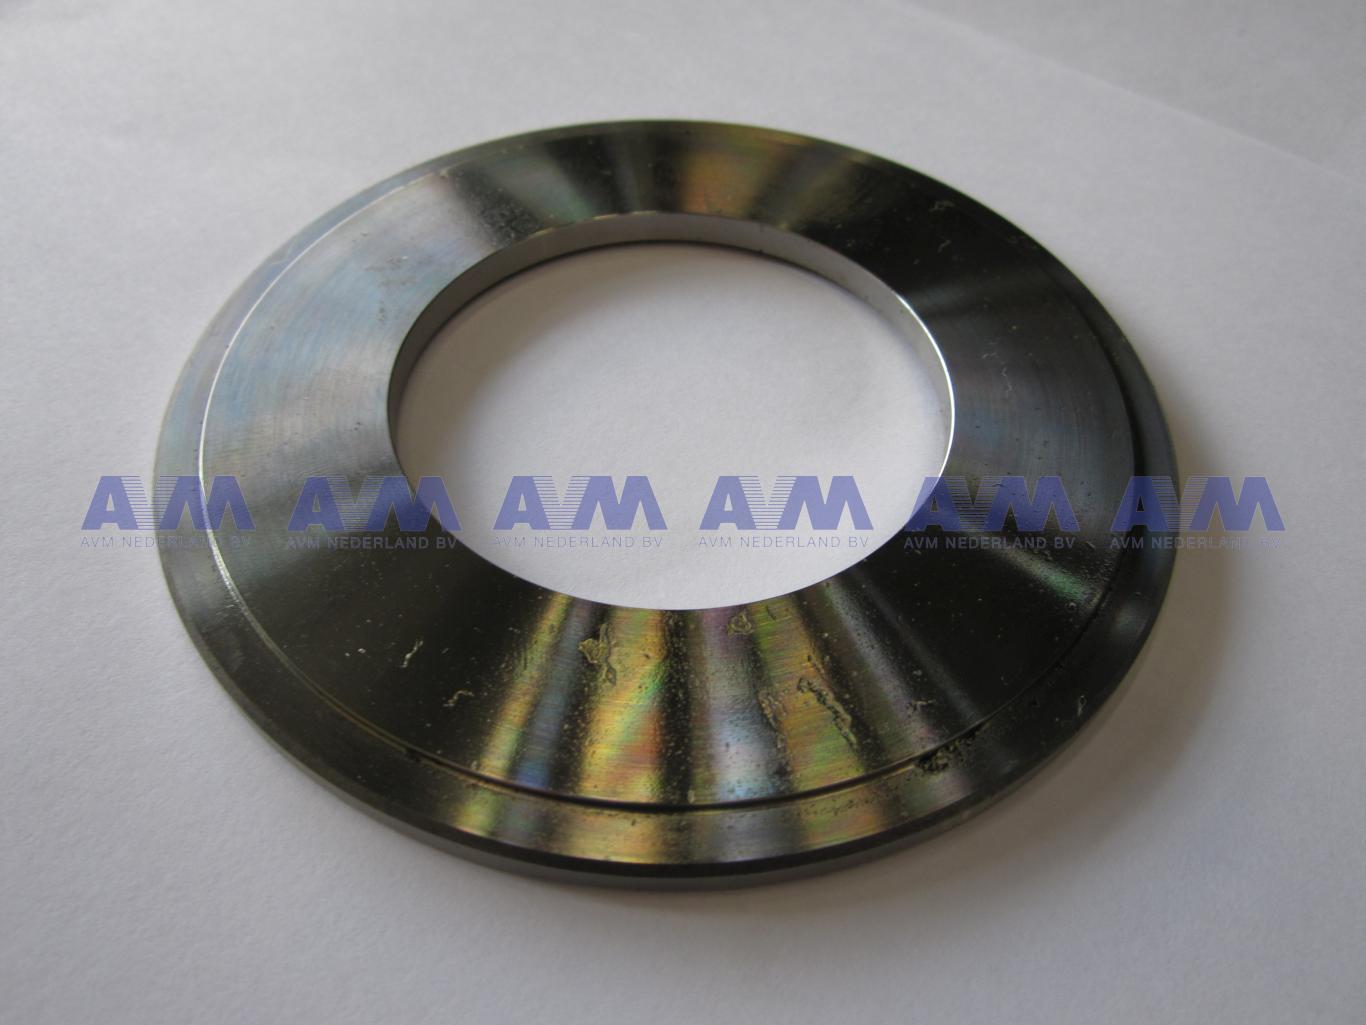 Aanloopschijf staal 99707304494 Tadano Faun